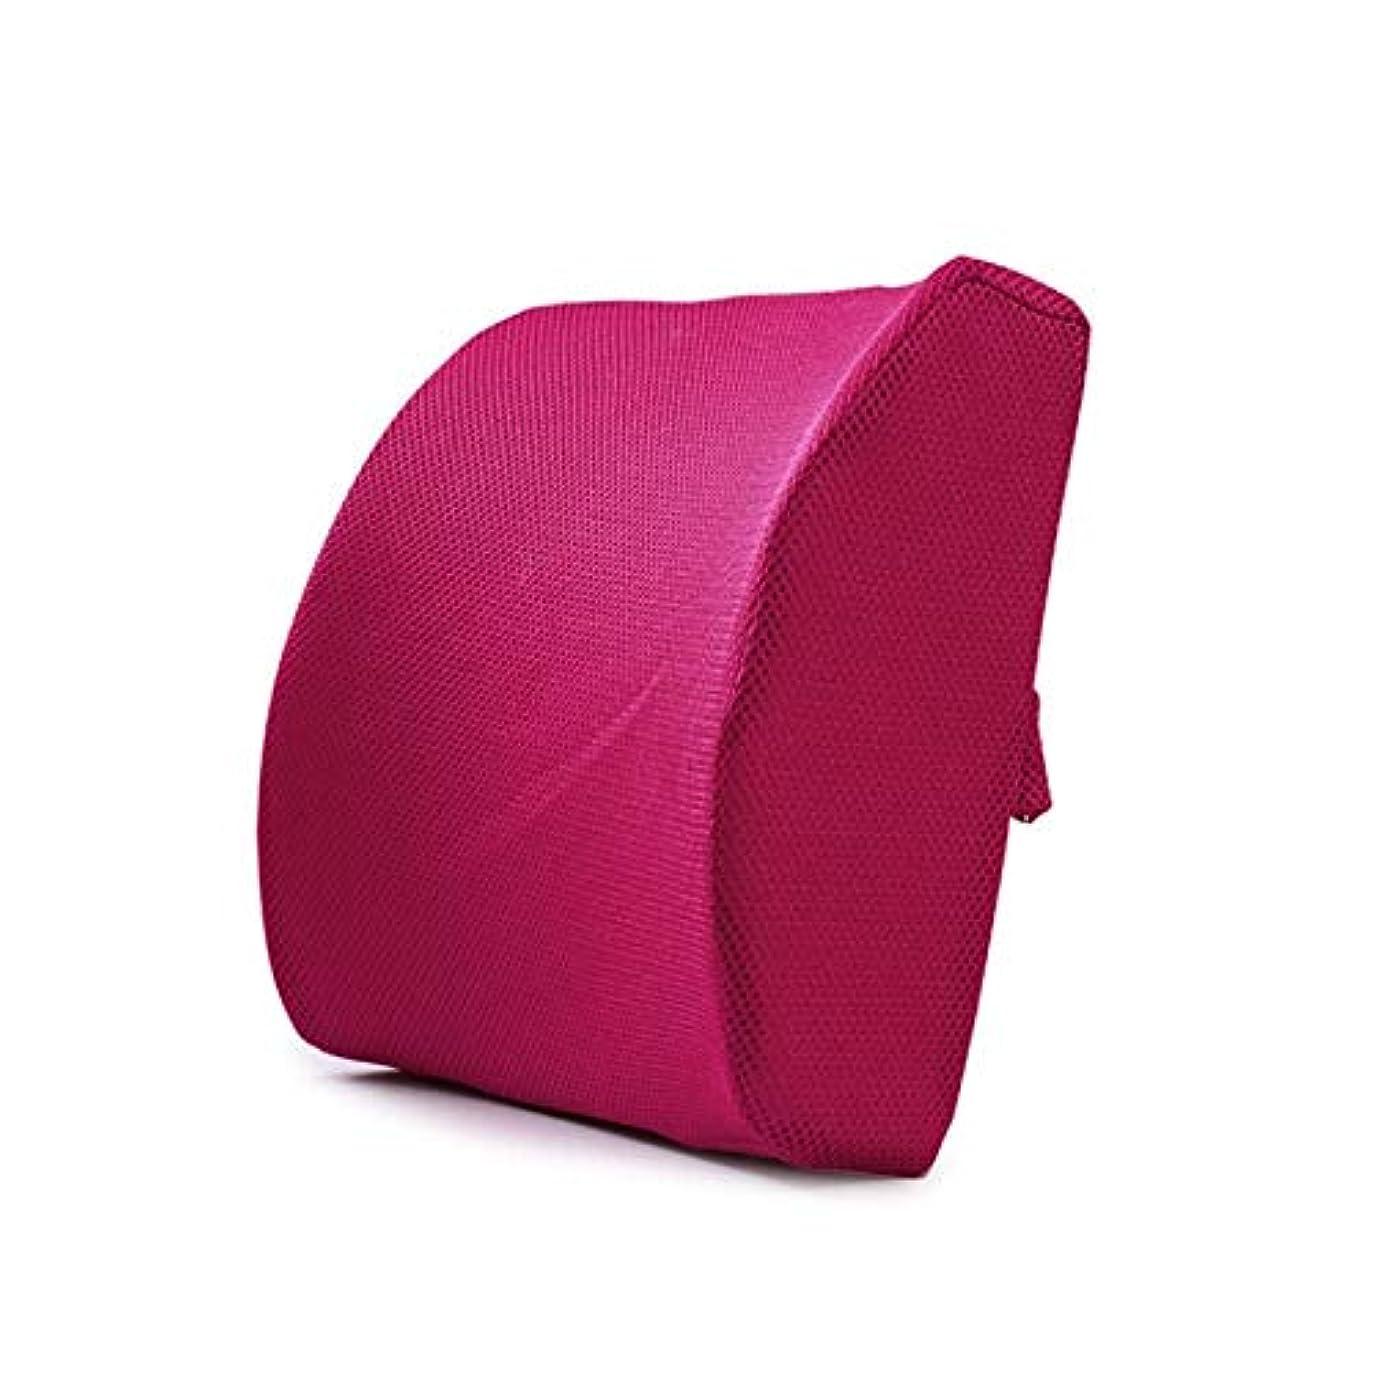 絵熱心なボウリングLIFE ホームオフィス背もたれ椅子腰椎クッションカーシートネック枕 3D 低反発サポートバックマッサージウエストレスリビング枕 クッション 椅子